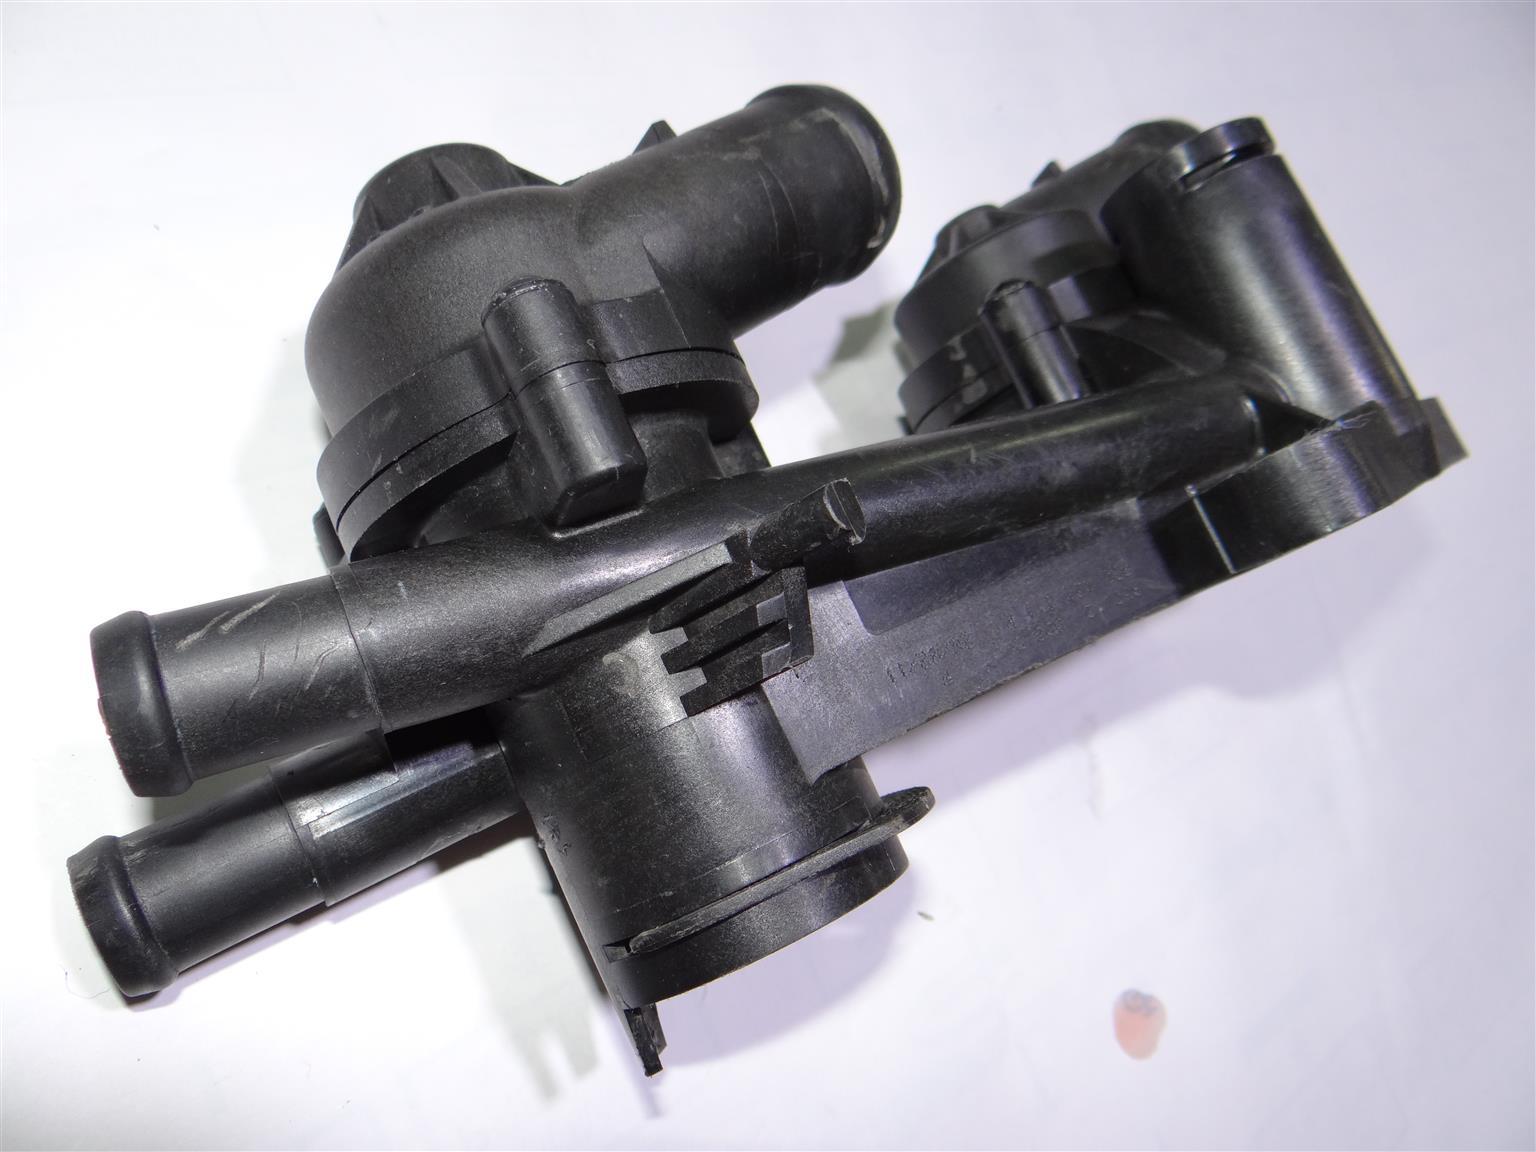 VW 1.4 TSI Coolant Radiator, Regulator and reservoir